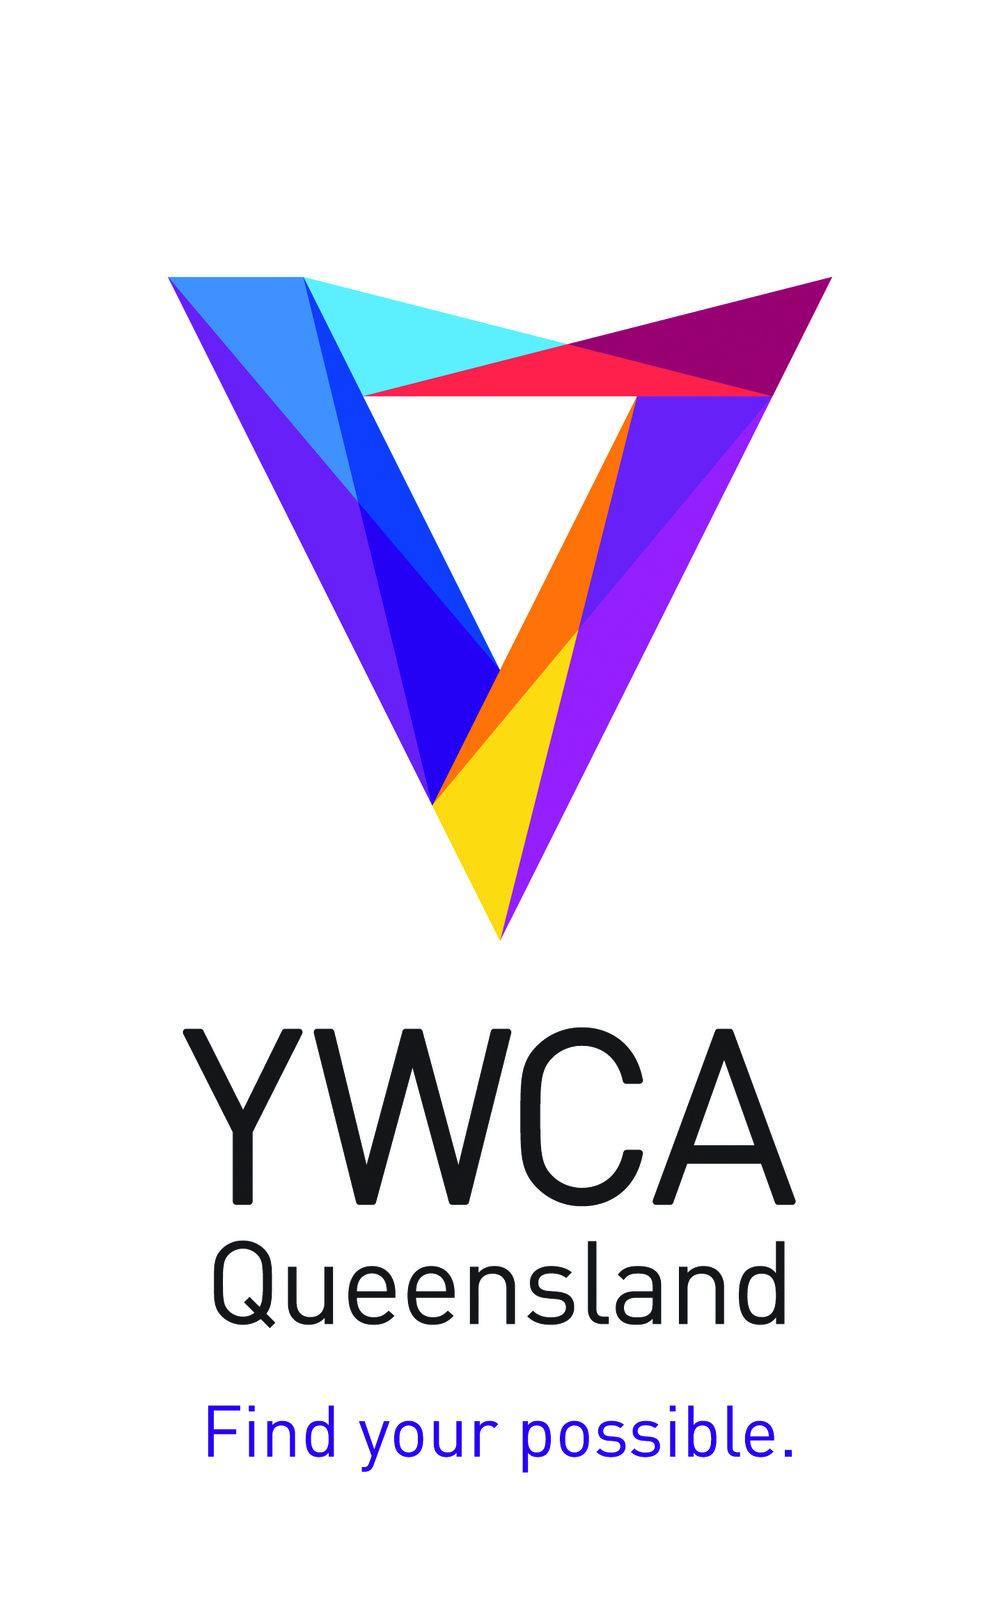 YWCA_Queensland_Tag_P_CMYK.jpg